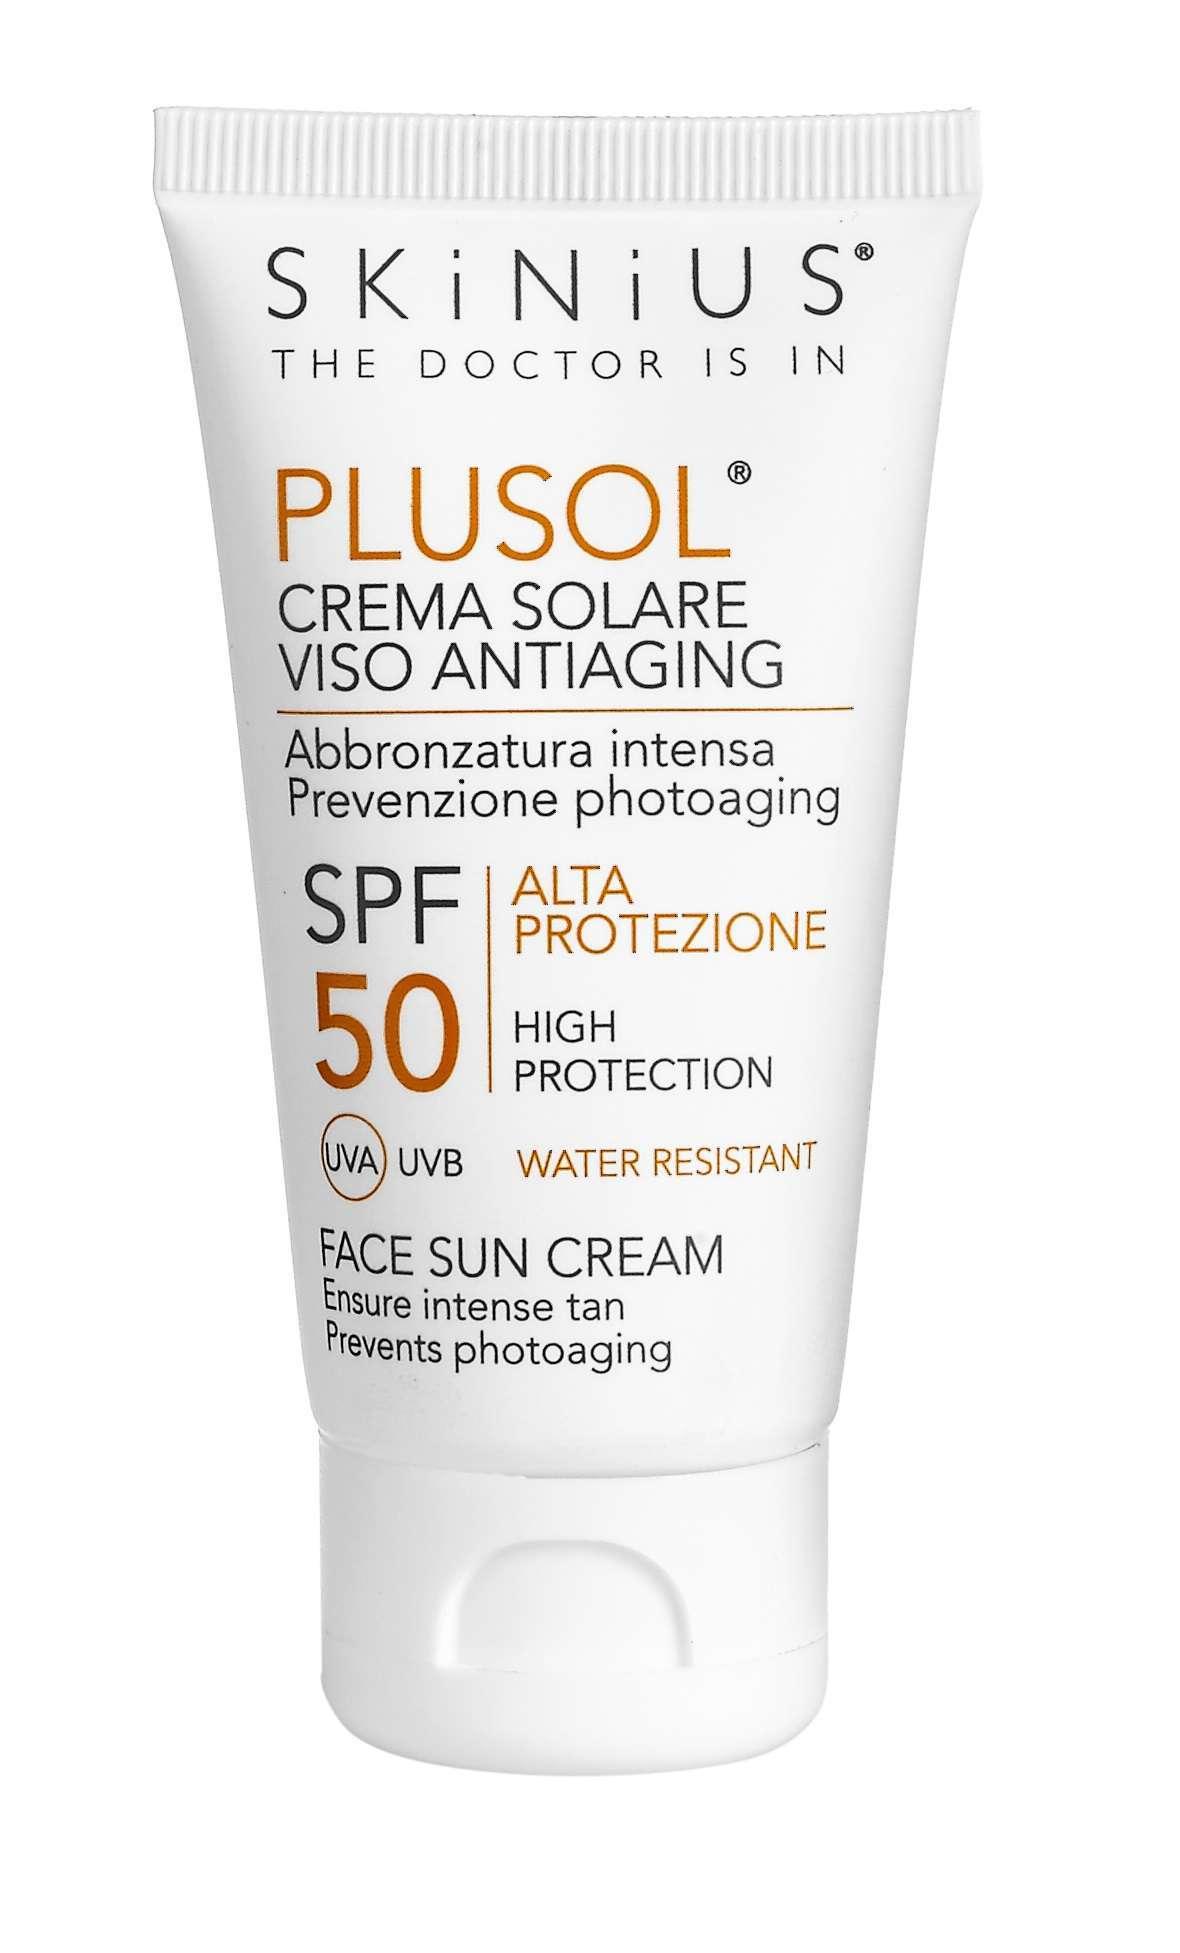 Skinius PLUSOL crema solare viso